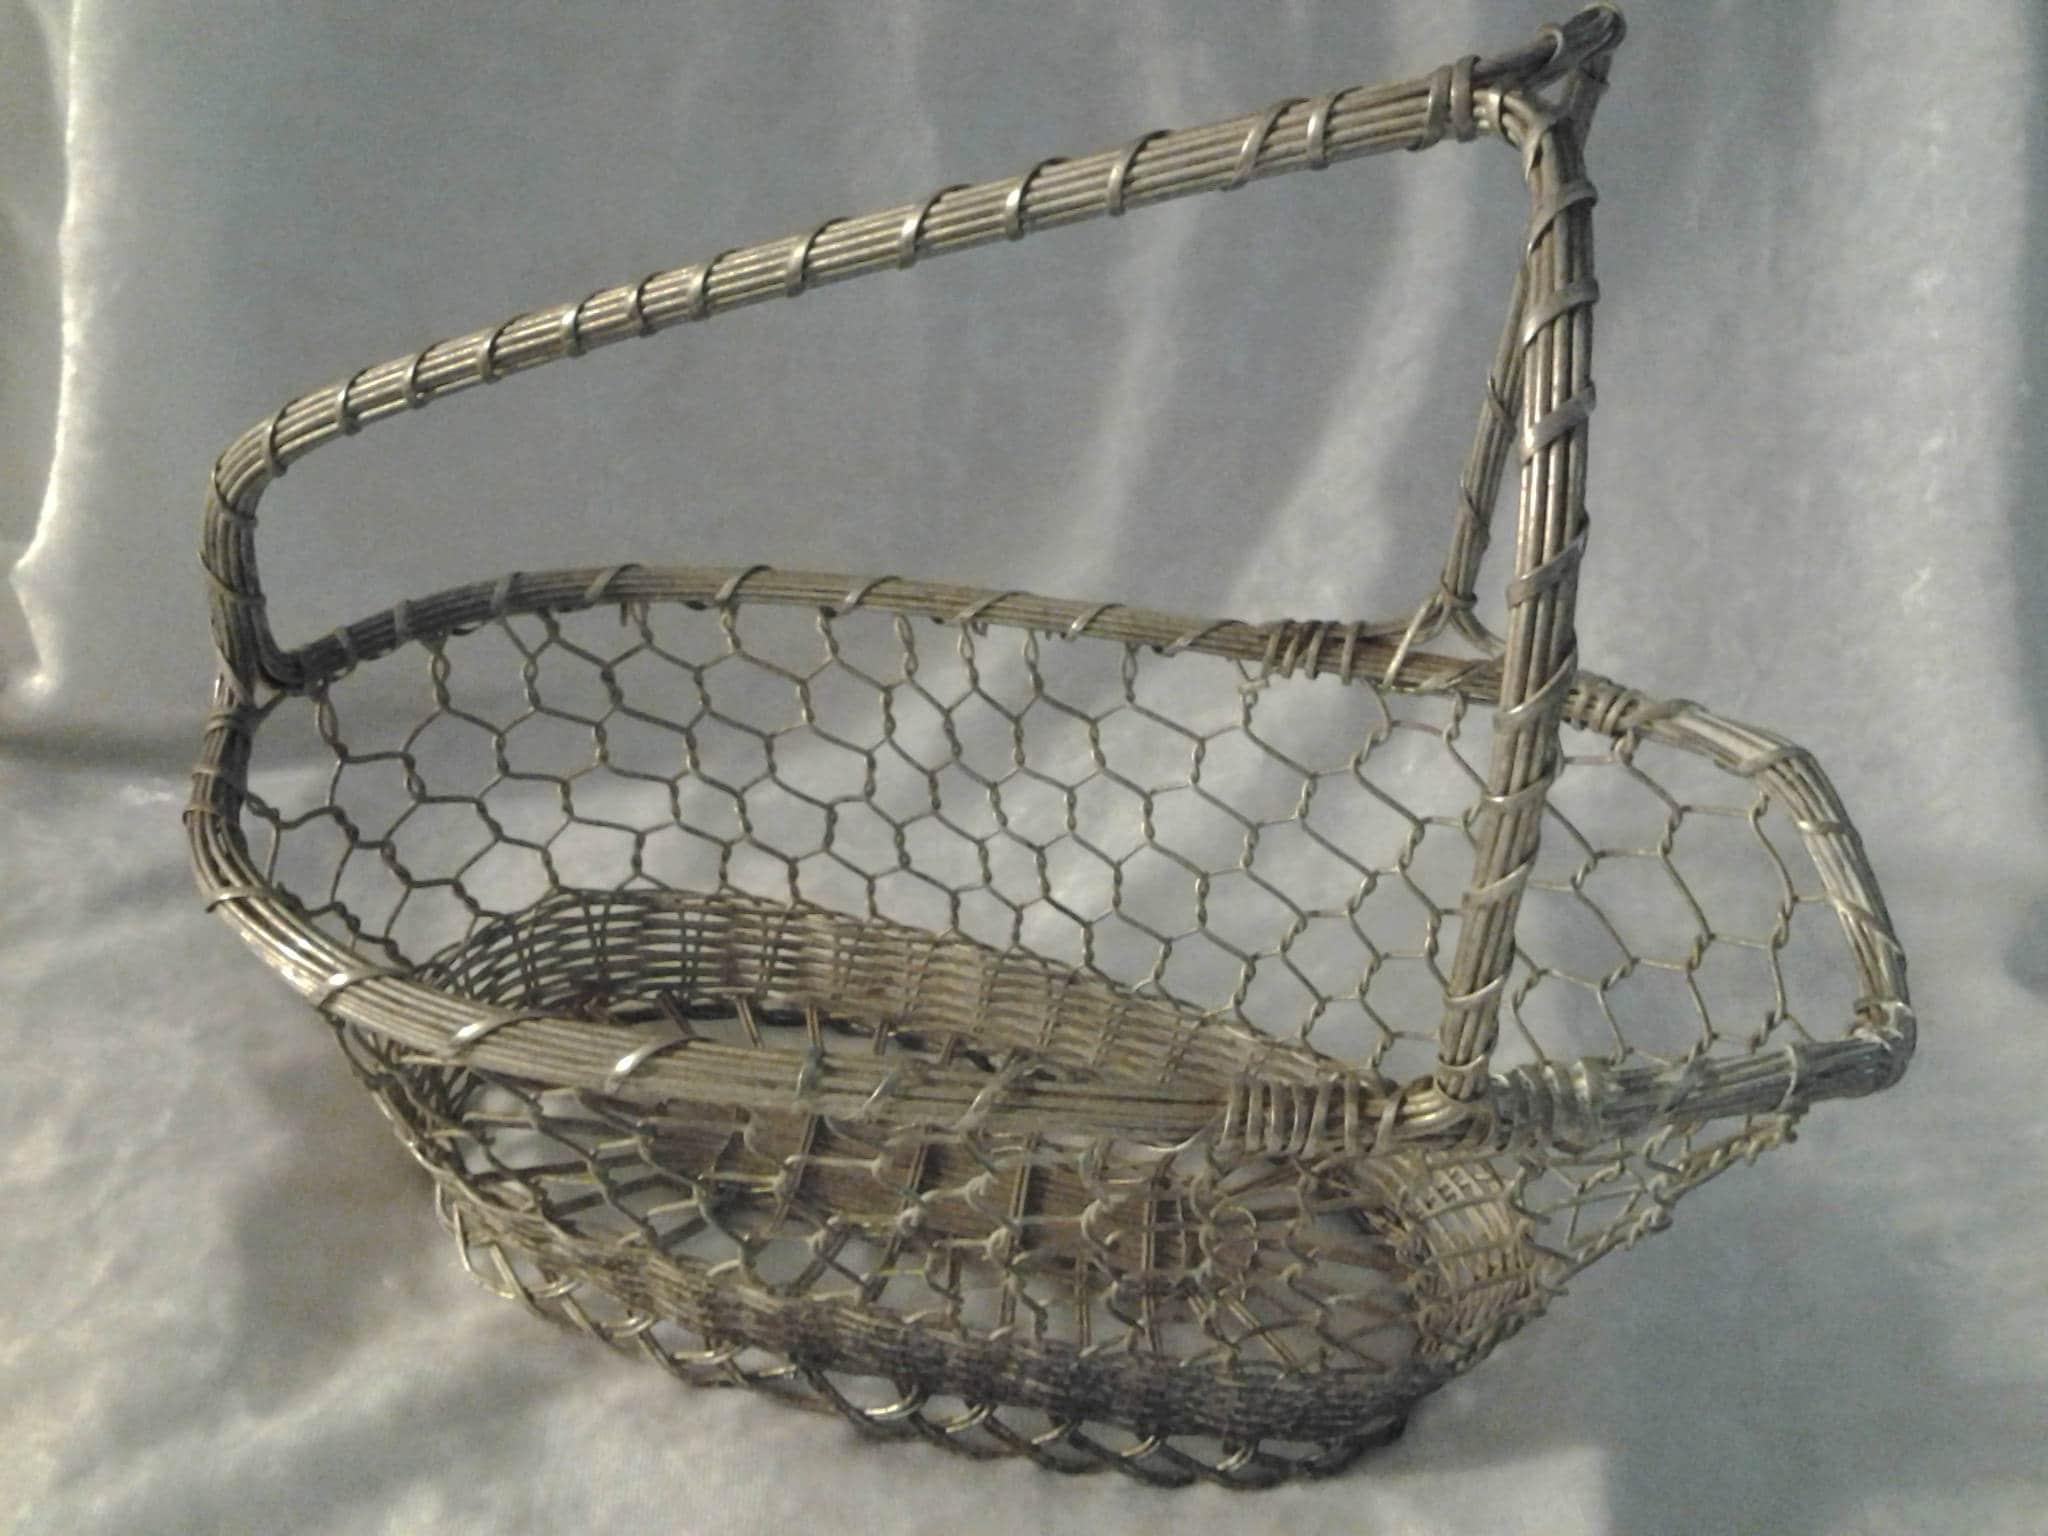 Chicken Wire Vintage Wire Basket / Wine bottle holder